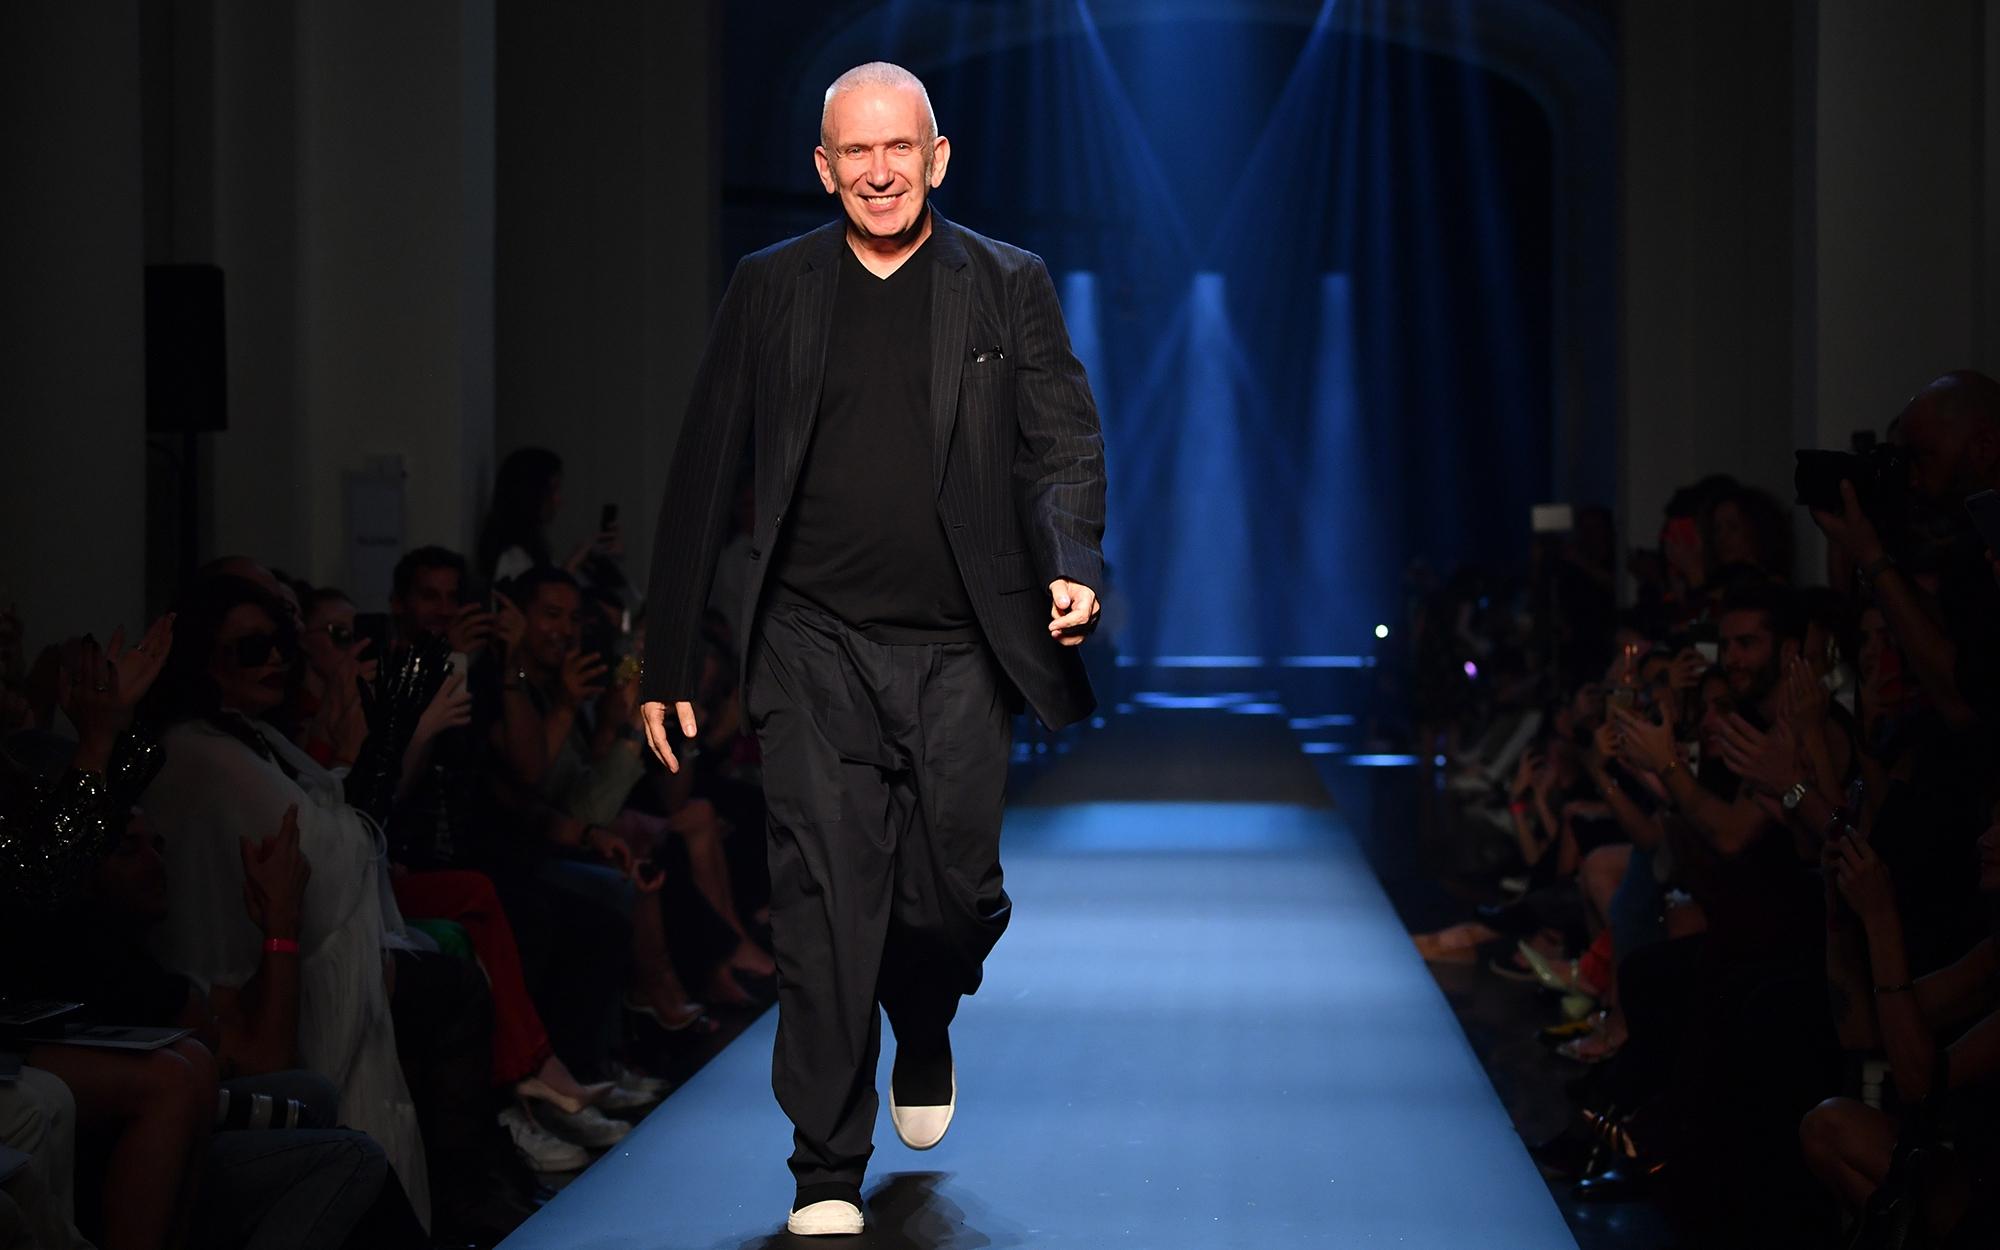 Jean Paul Gaultier, el 'enfant terrible' de la moda, se despide de las pasarelas tras 50 años de carrera